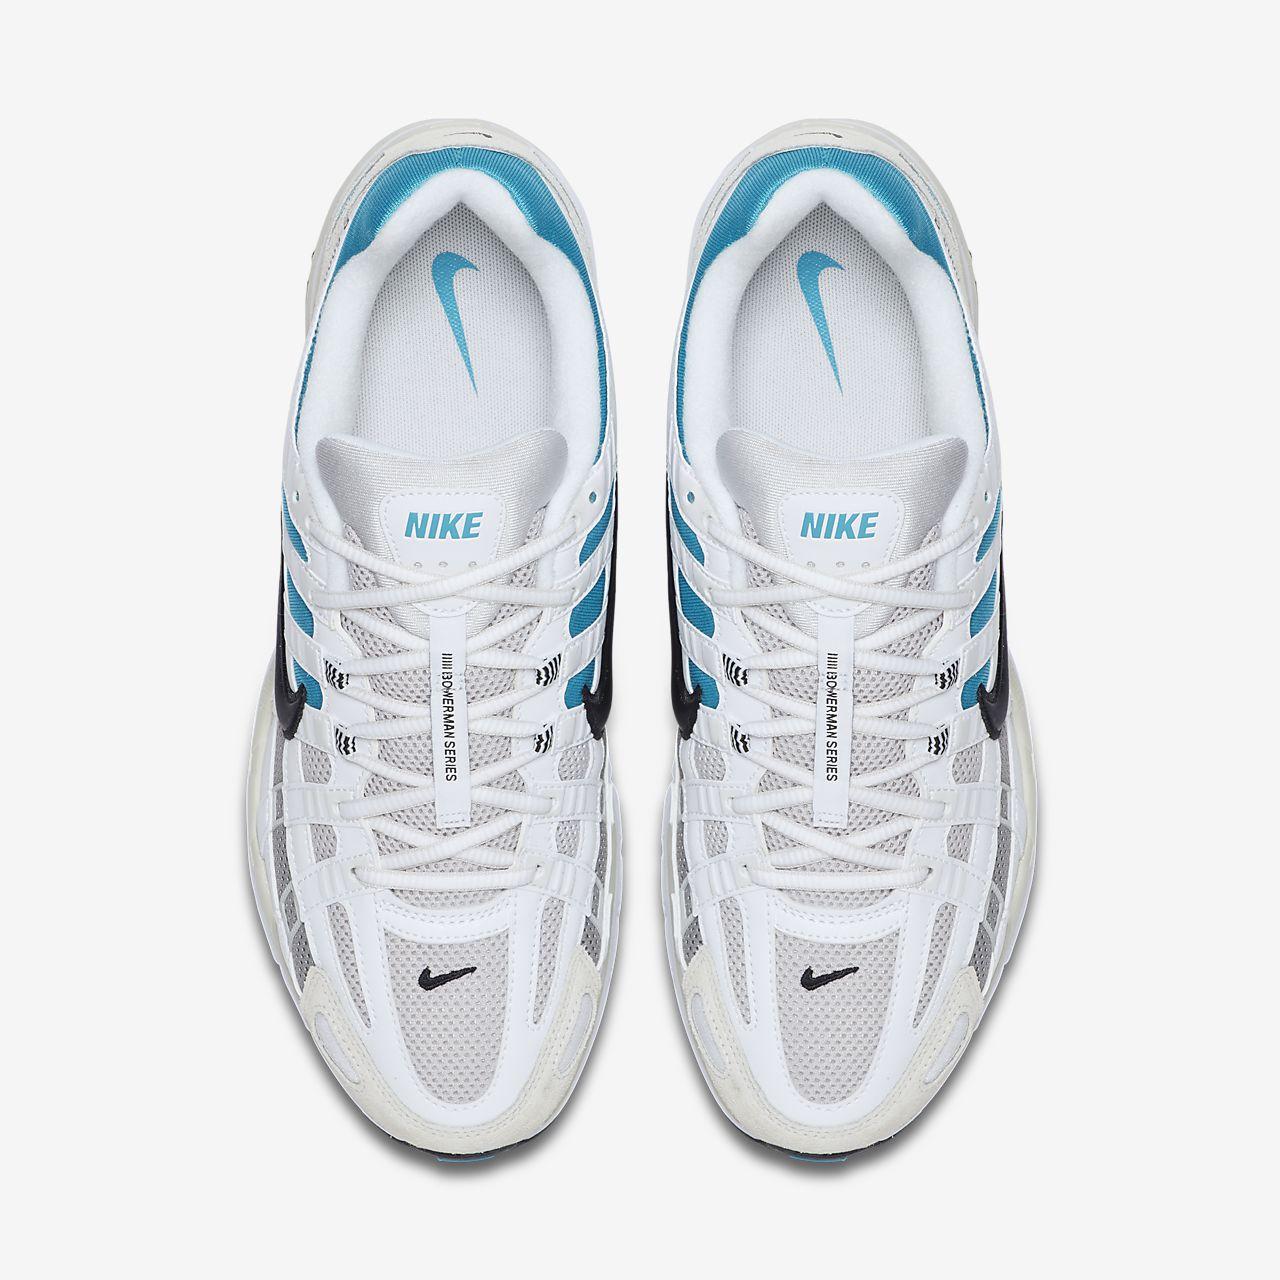 Nike Pegasus 25 Bowerman series